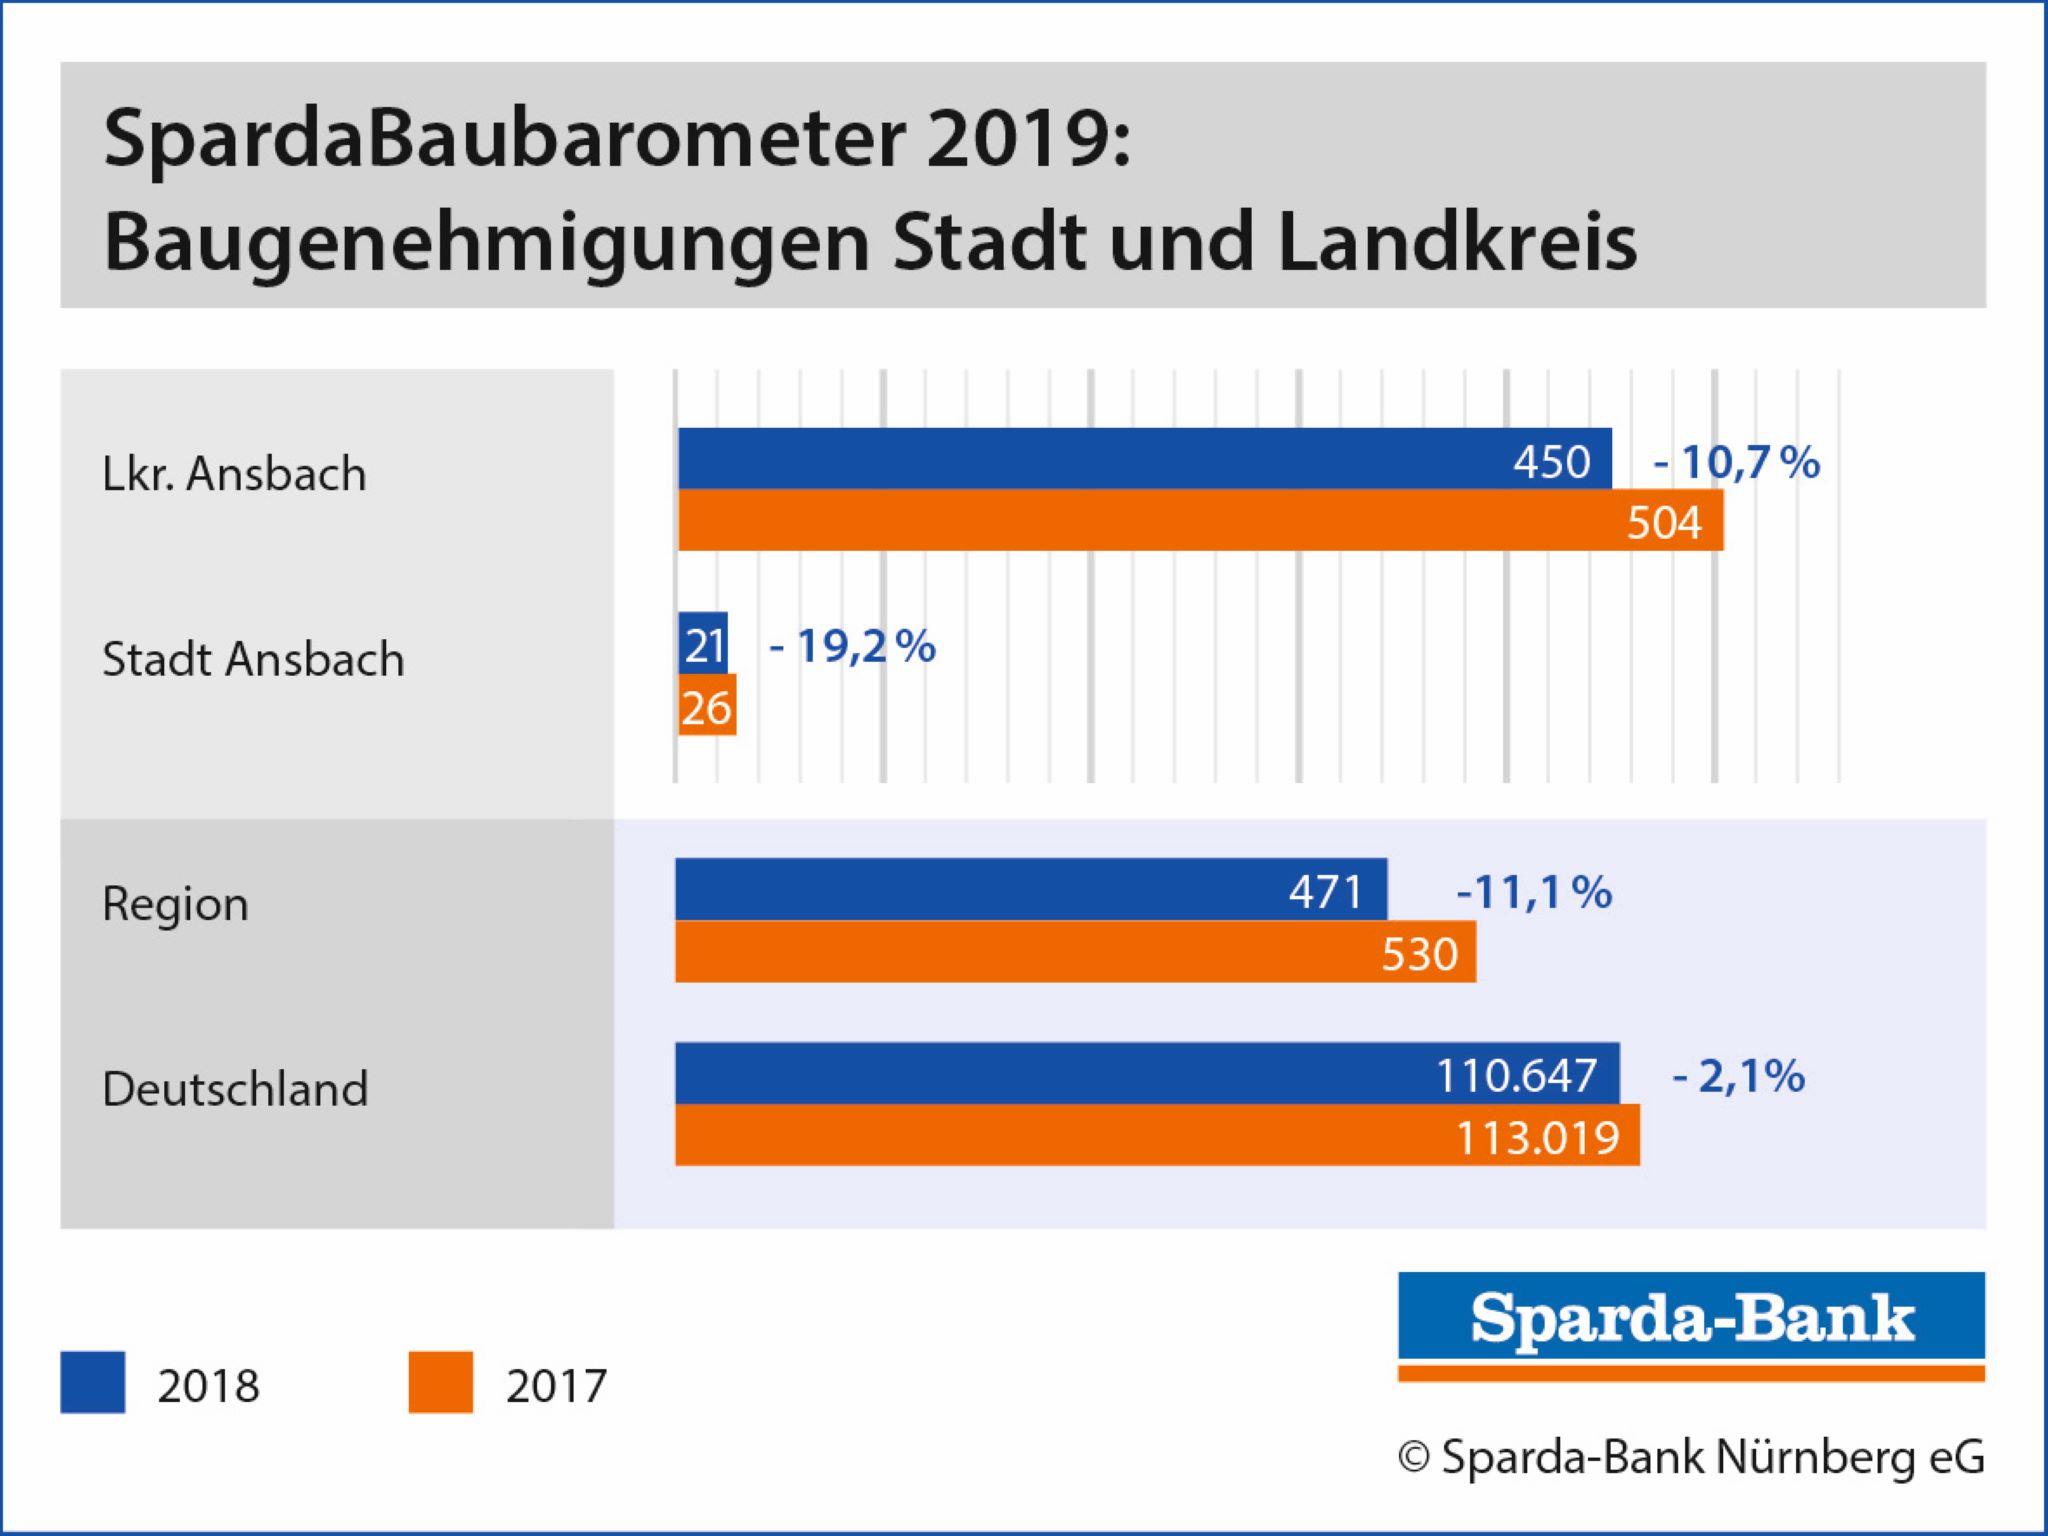 Baugenehmigungen Stadt & Landkreis Ansbach; Grafik: Sparda-Bank Nürnberg